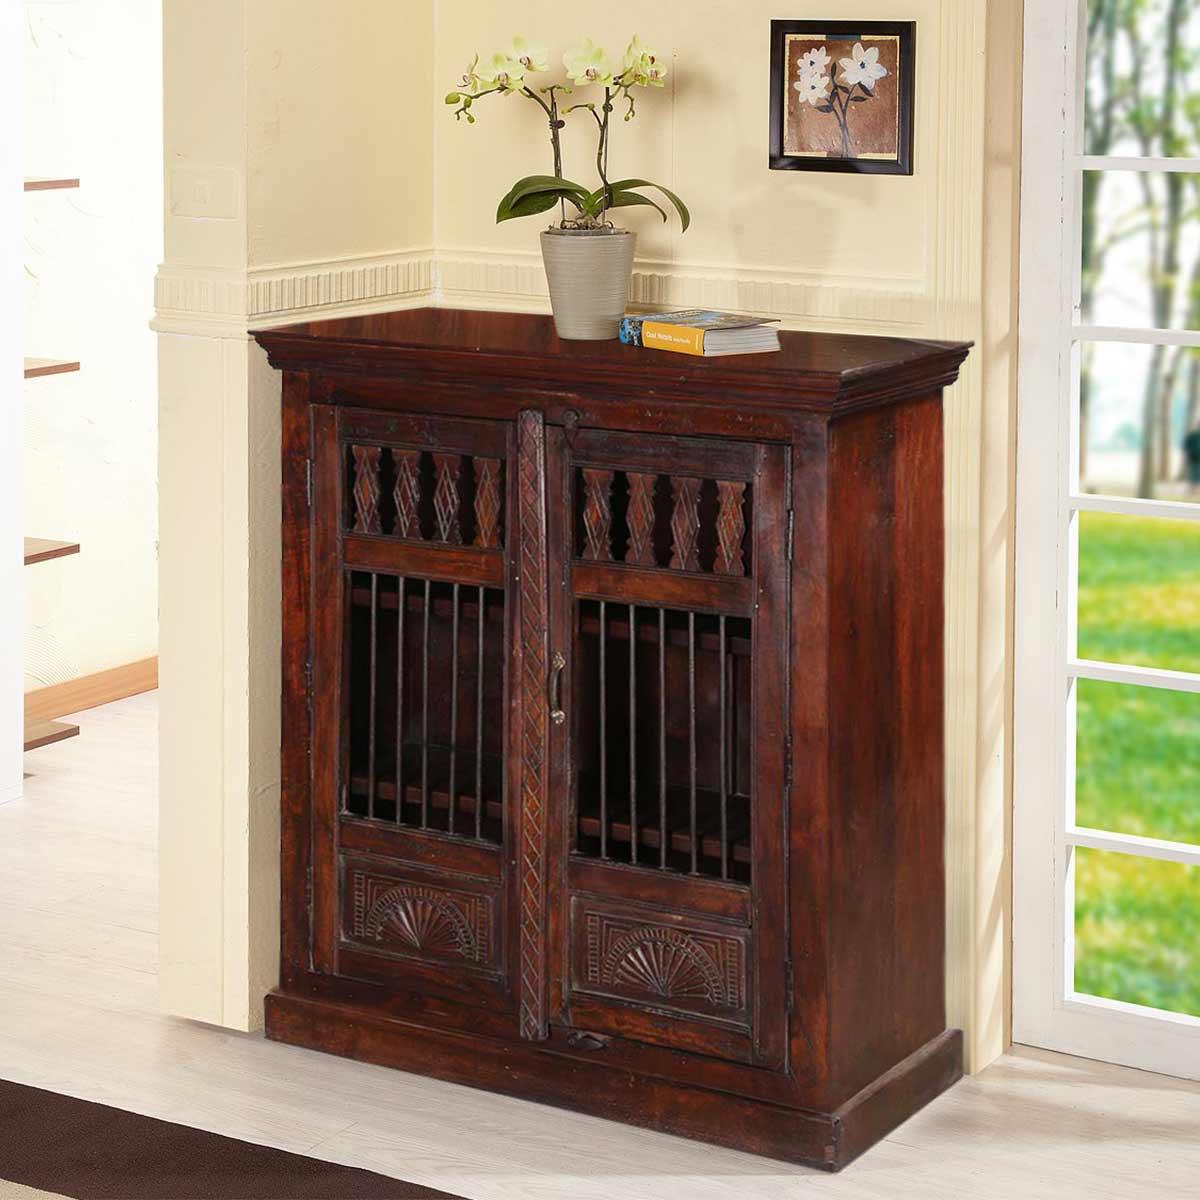 Chartres Solid Wood Open Panel 2 Door Rustic Buffet Cabinet